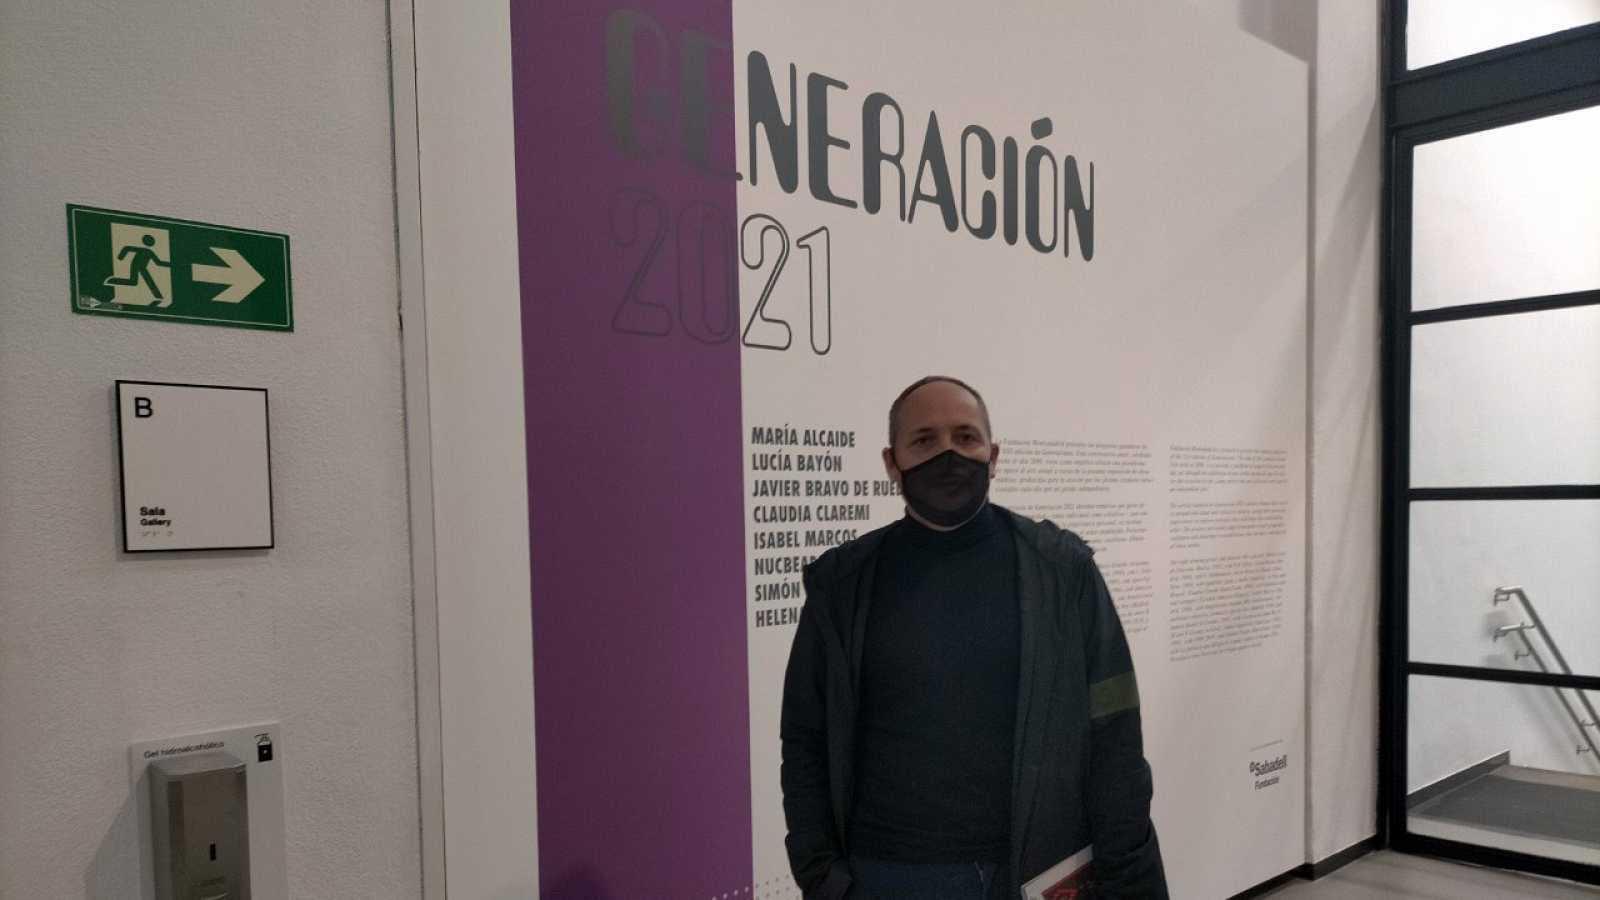 Hora América en Radio 5 - Exposición 'Generación 2021' en La Casa Encendida - 23/02/21 - Escuchar ahora